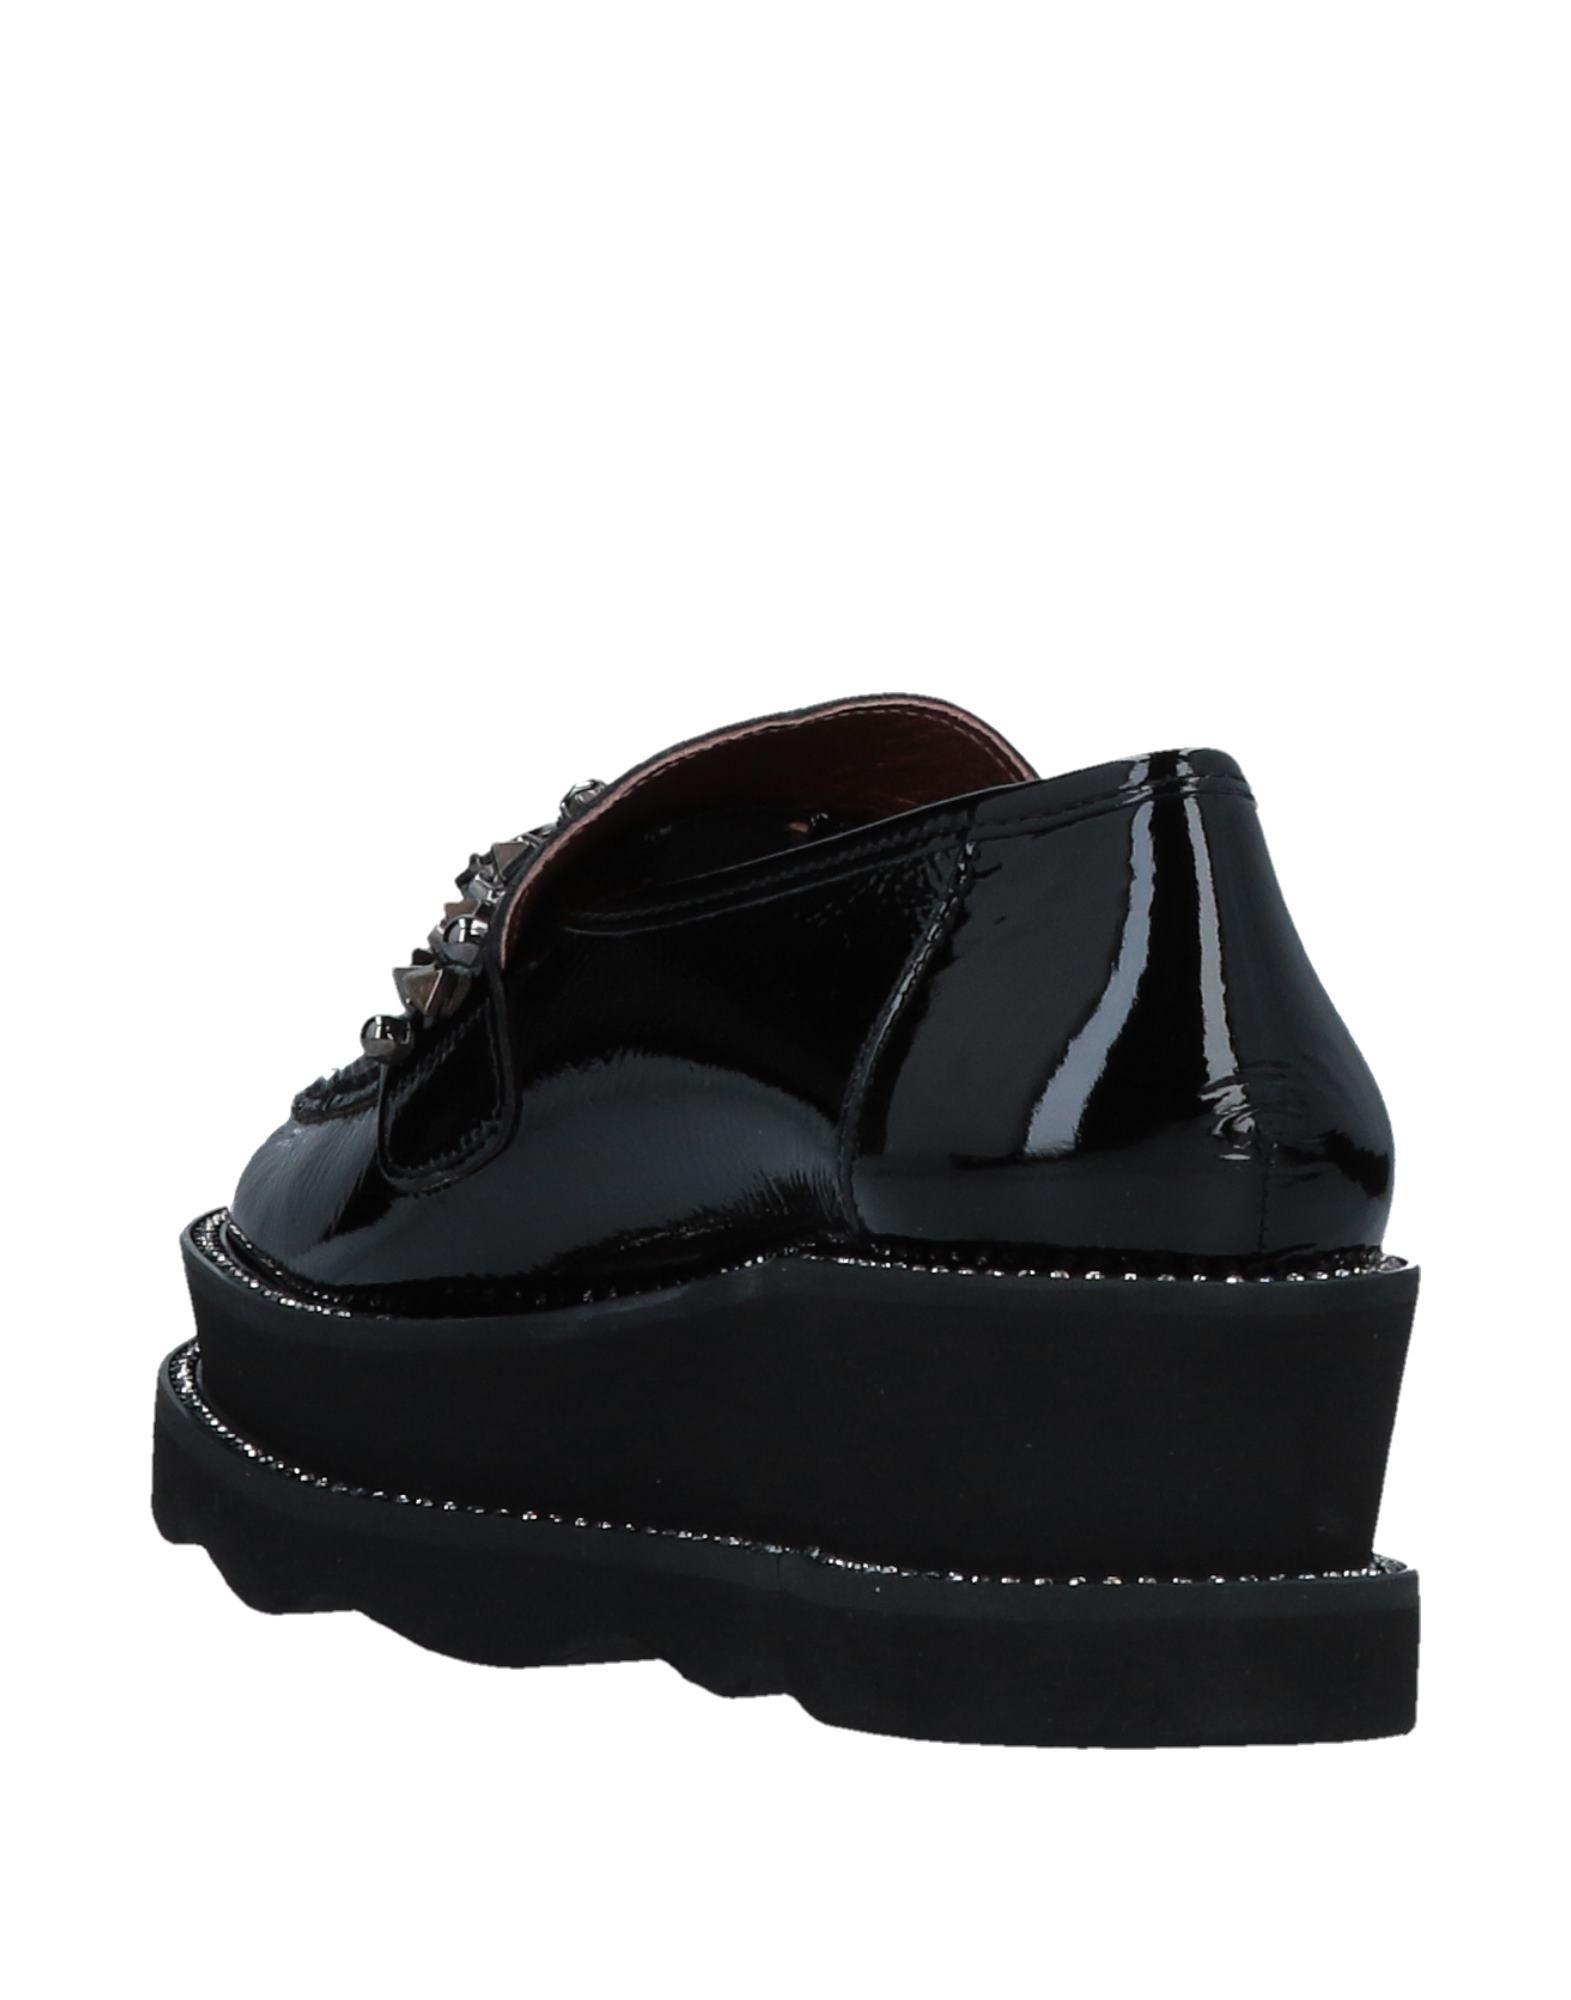 Stilvolle billige Schuhe Damen Ras Mokassins Damen Schuhe  11511460EM 5437e6